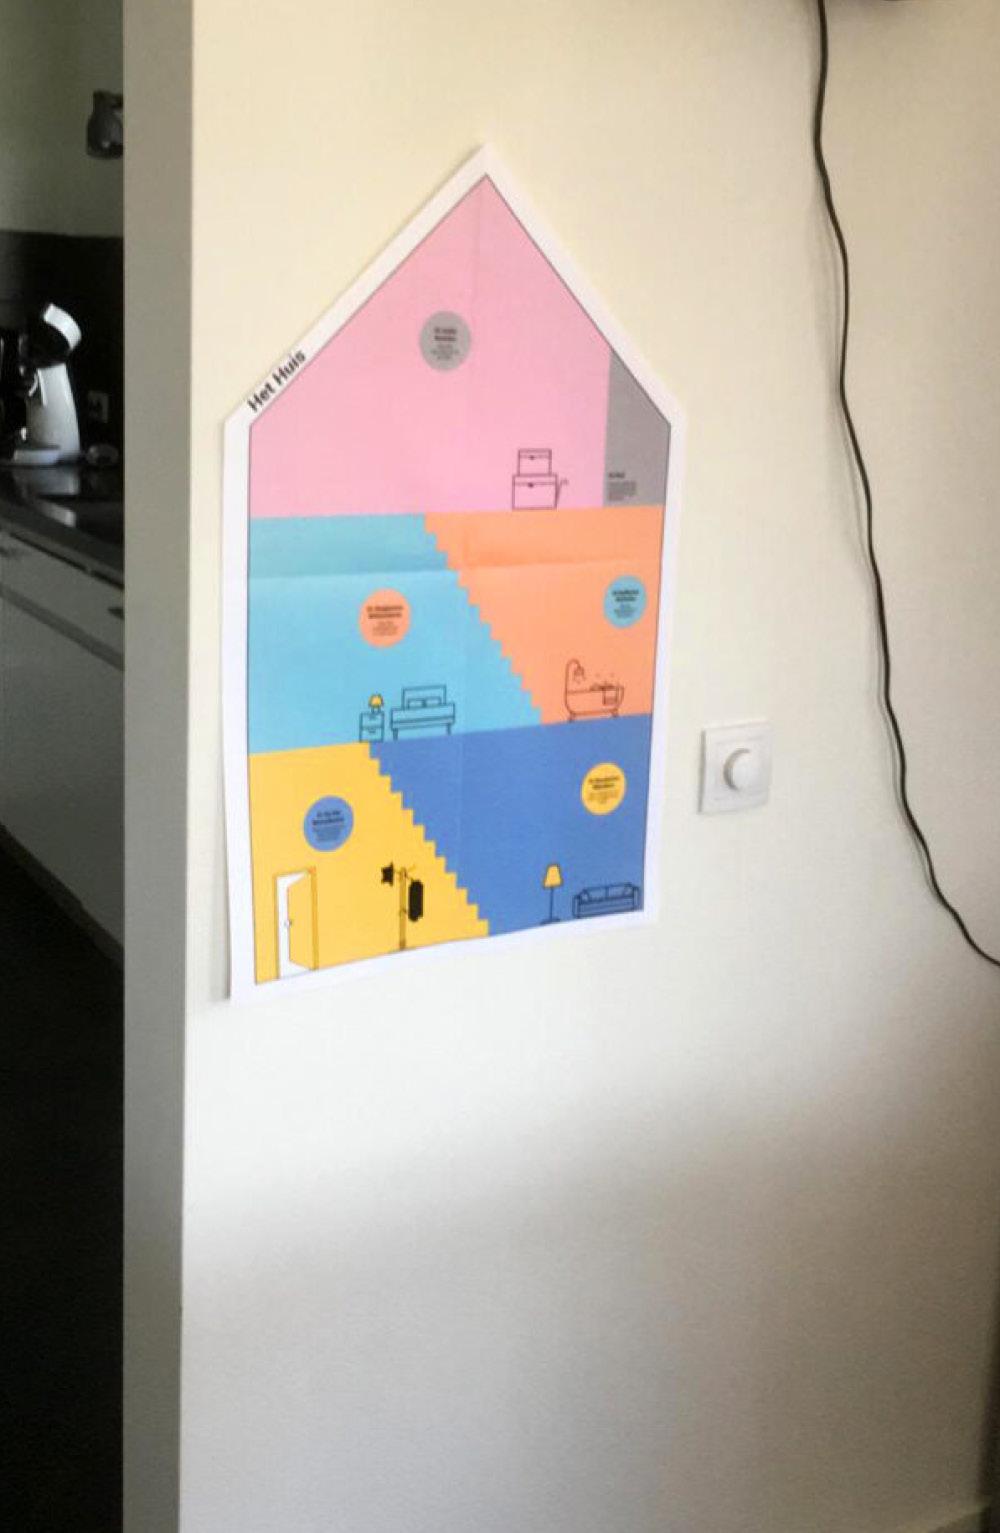 happy hall social design jeugdzorg echter ontwerp garage2020 de kat is kwijt gebruikers